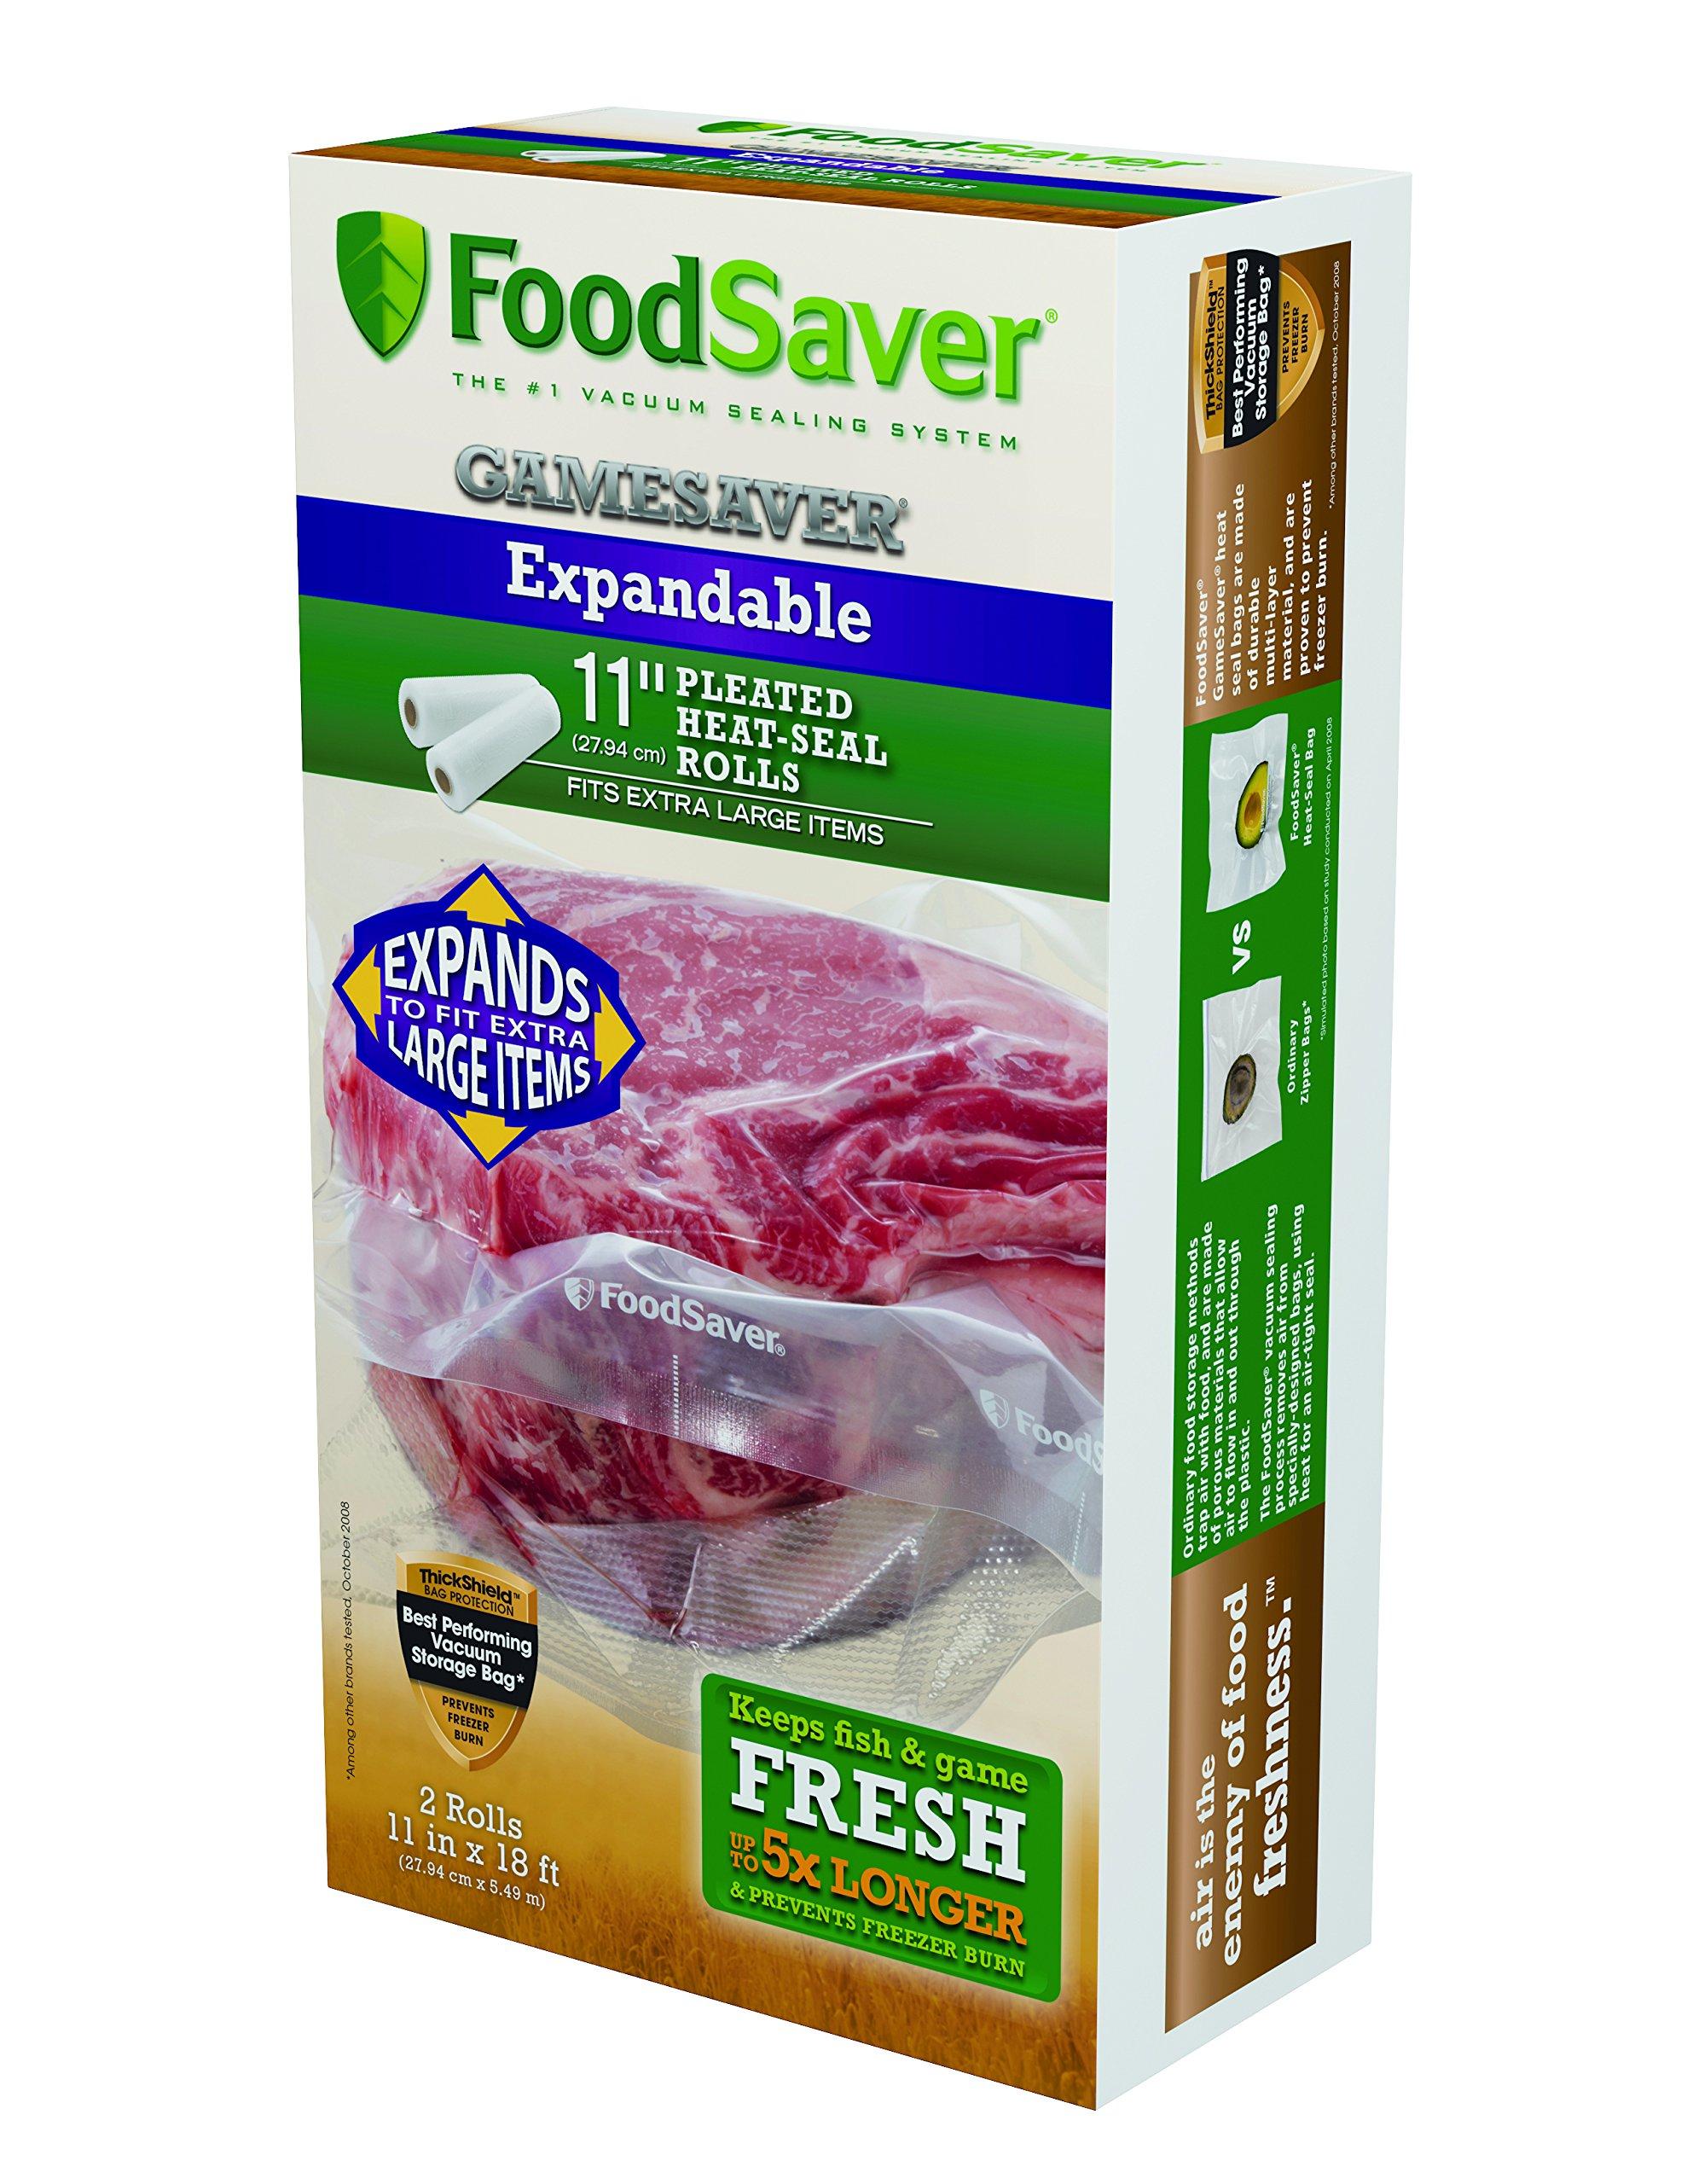 Foodsaver 11'' x 18' GameSaver Expandable Vacuum Bag Rolls, 2-Pack